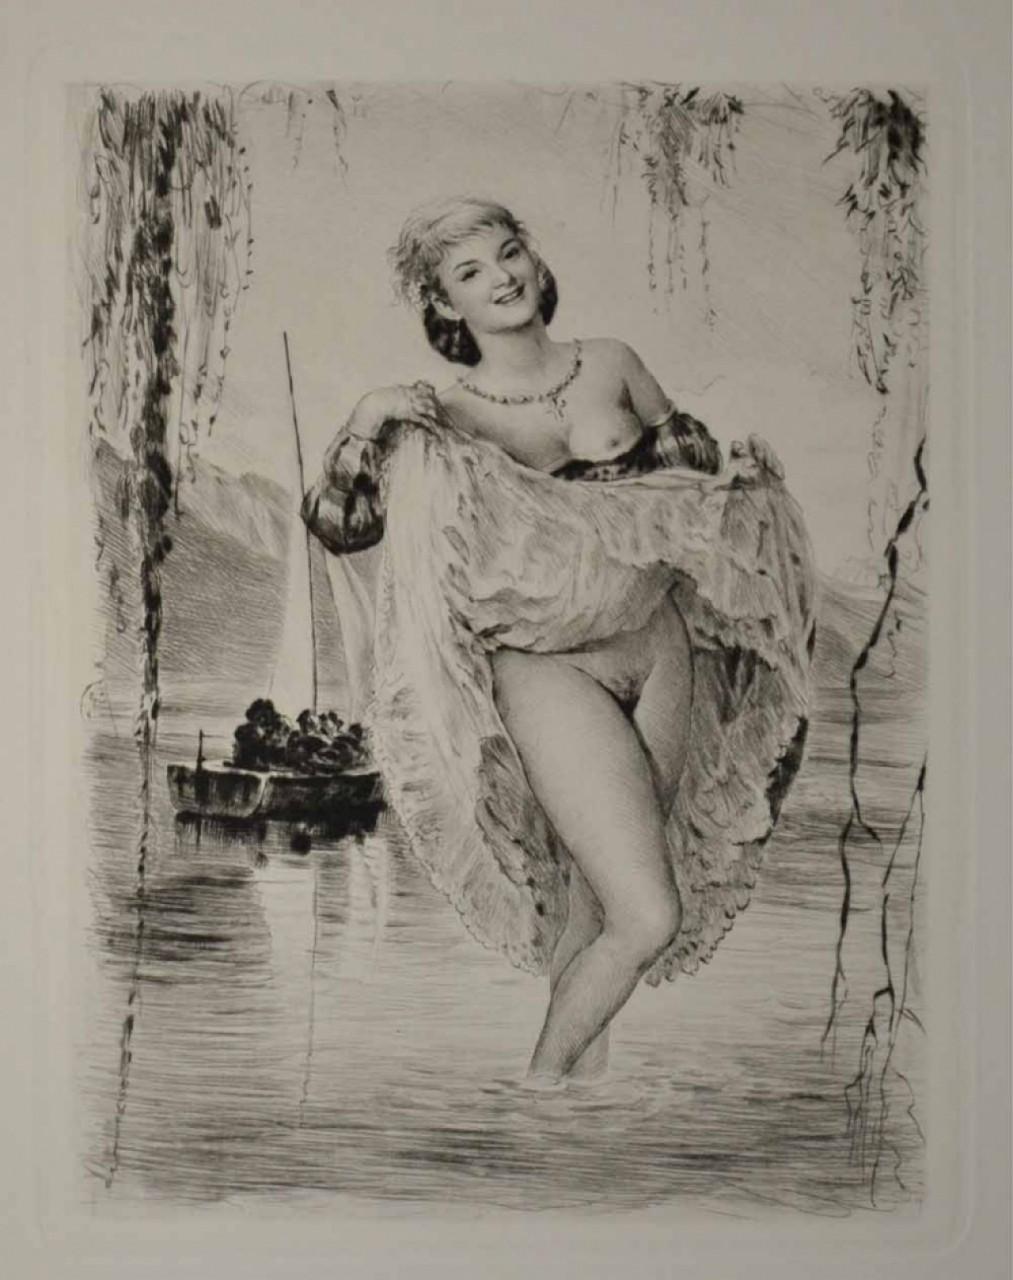 BECAT Pierre Emile femme nue soulevant sa robe